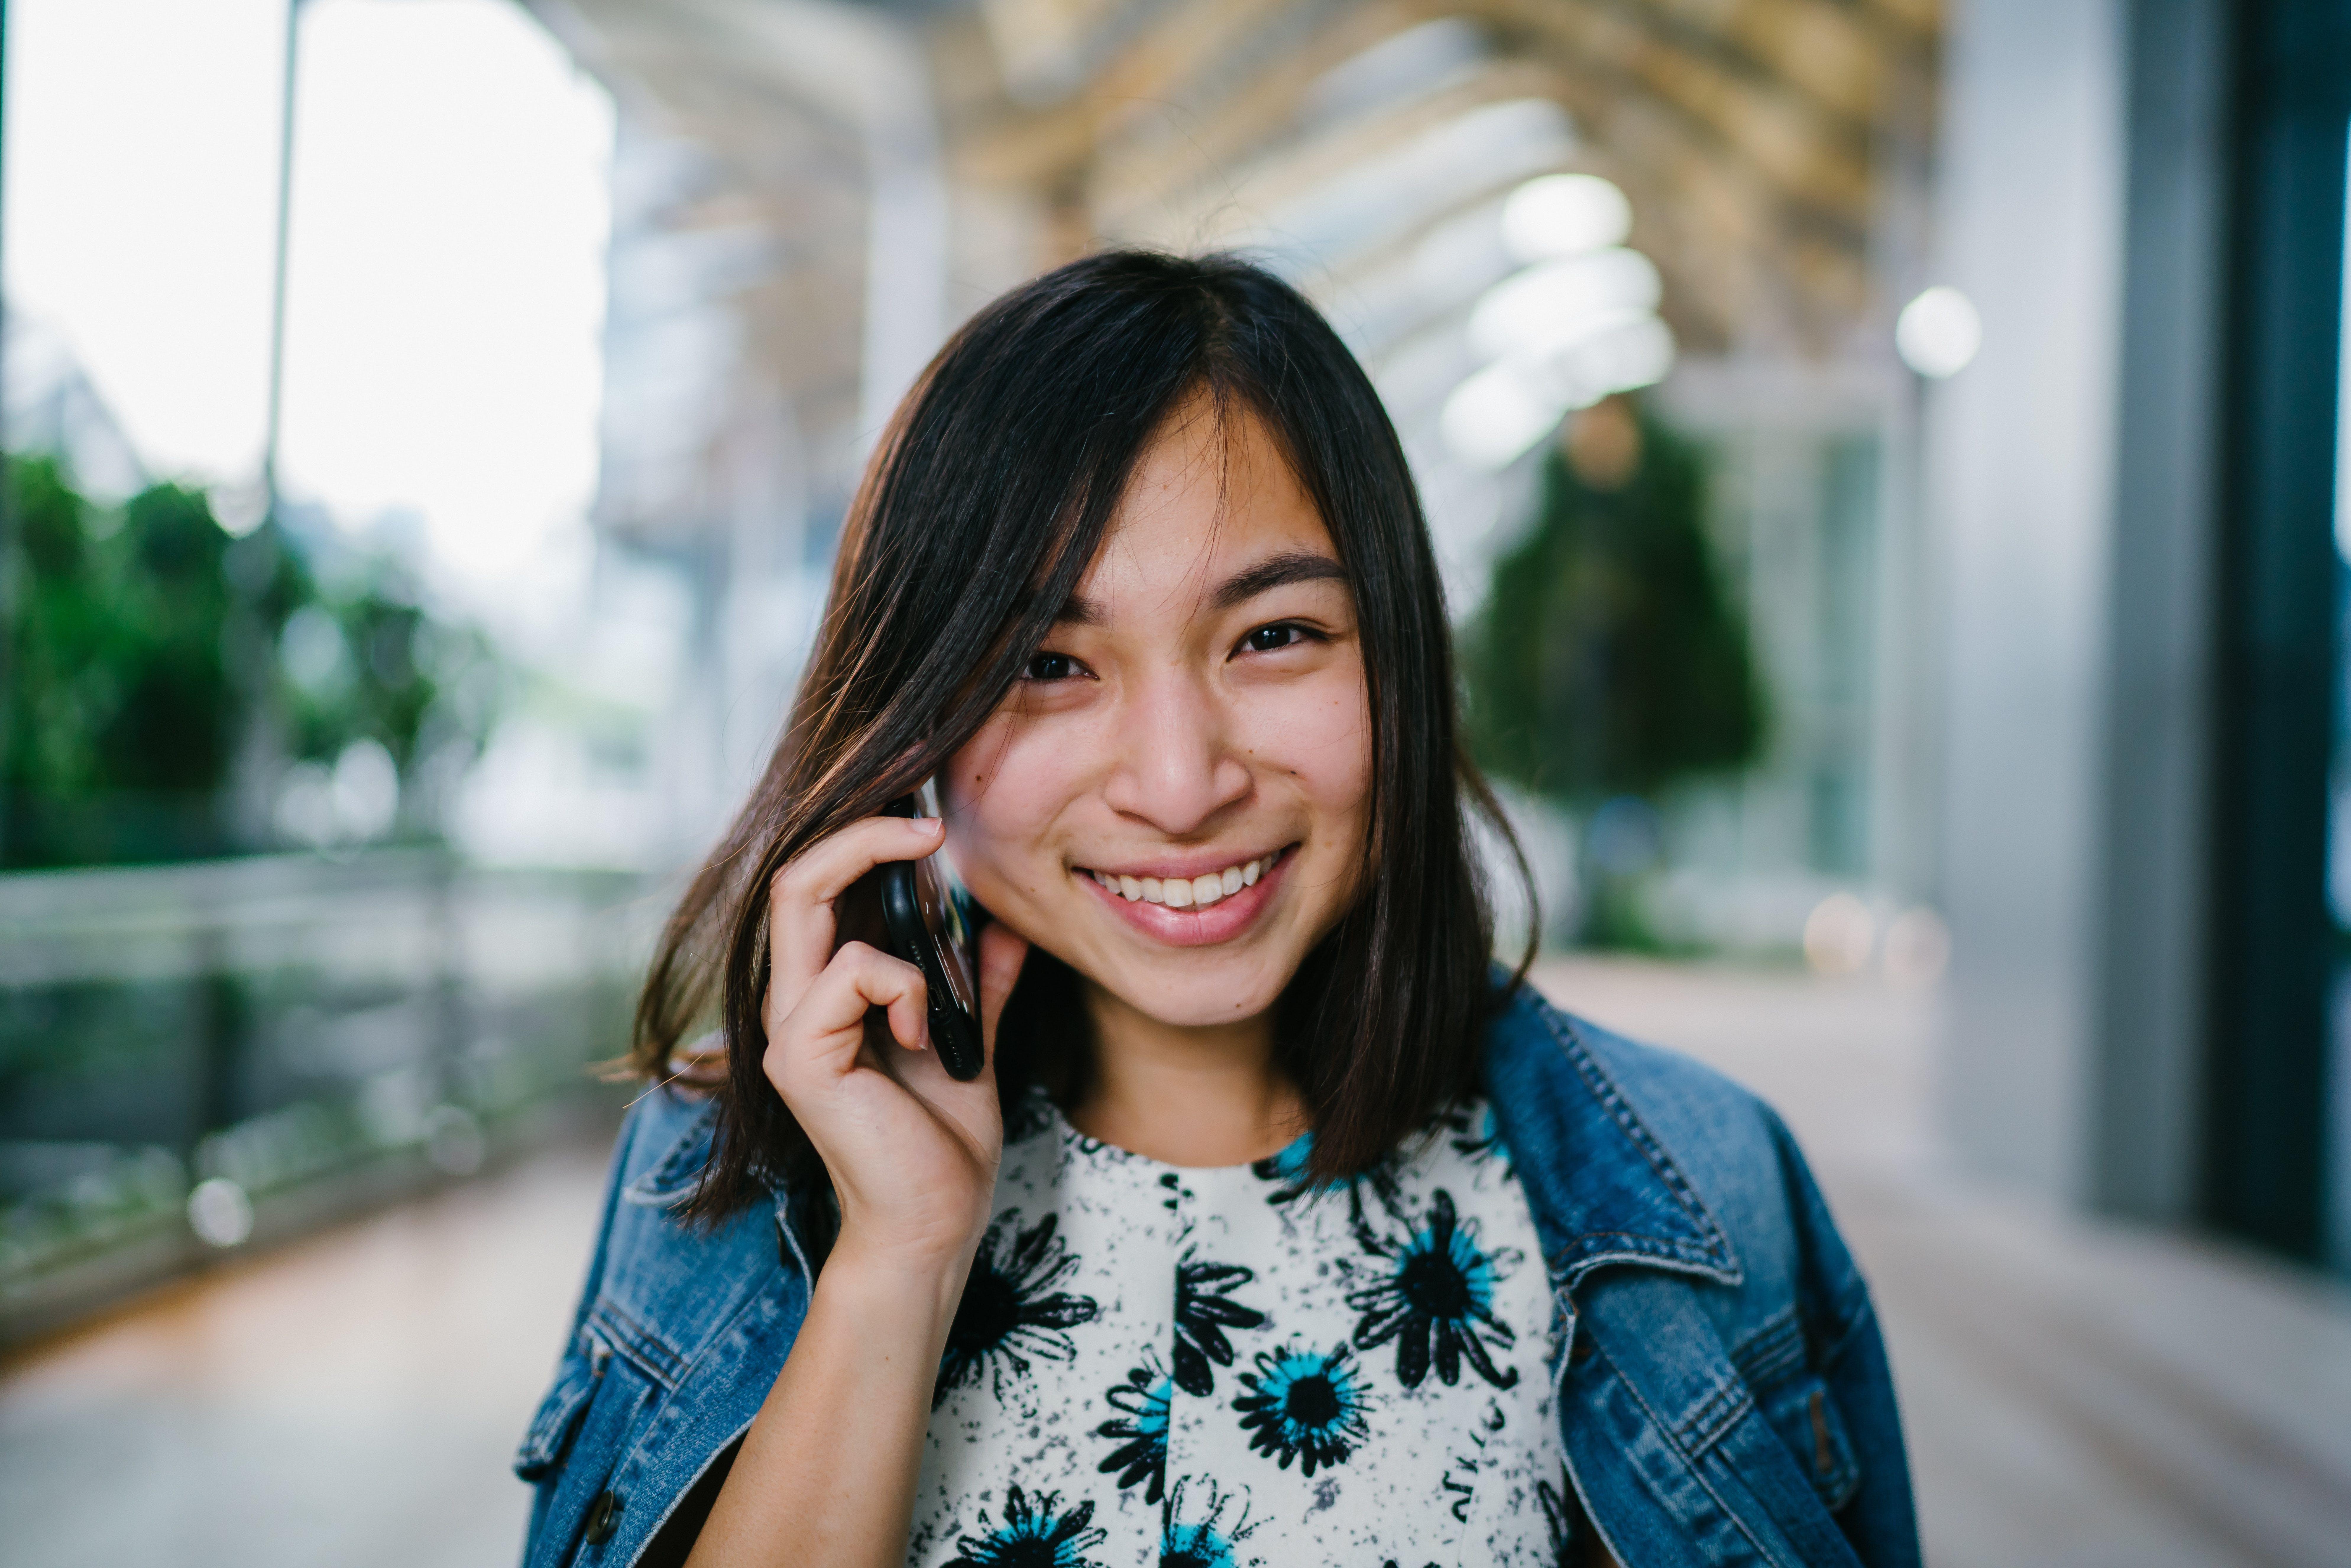 ほほえむ, アジアの女性, アジア人の女の子, インドアの無料の写真素材